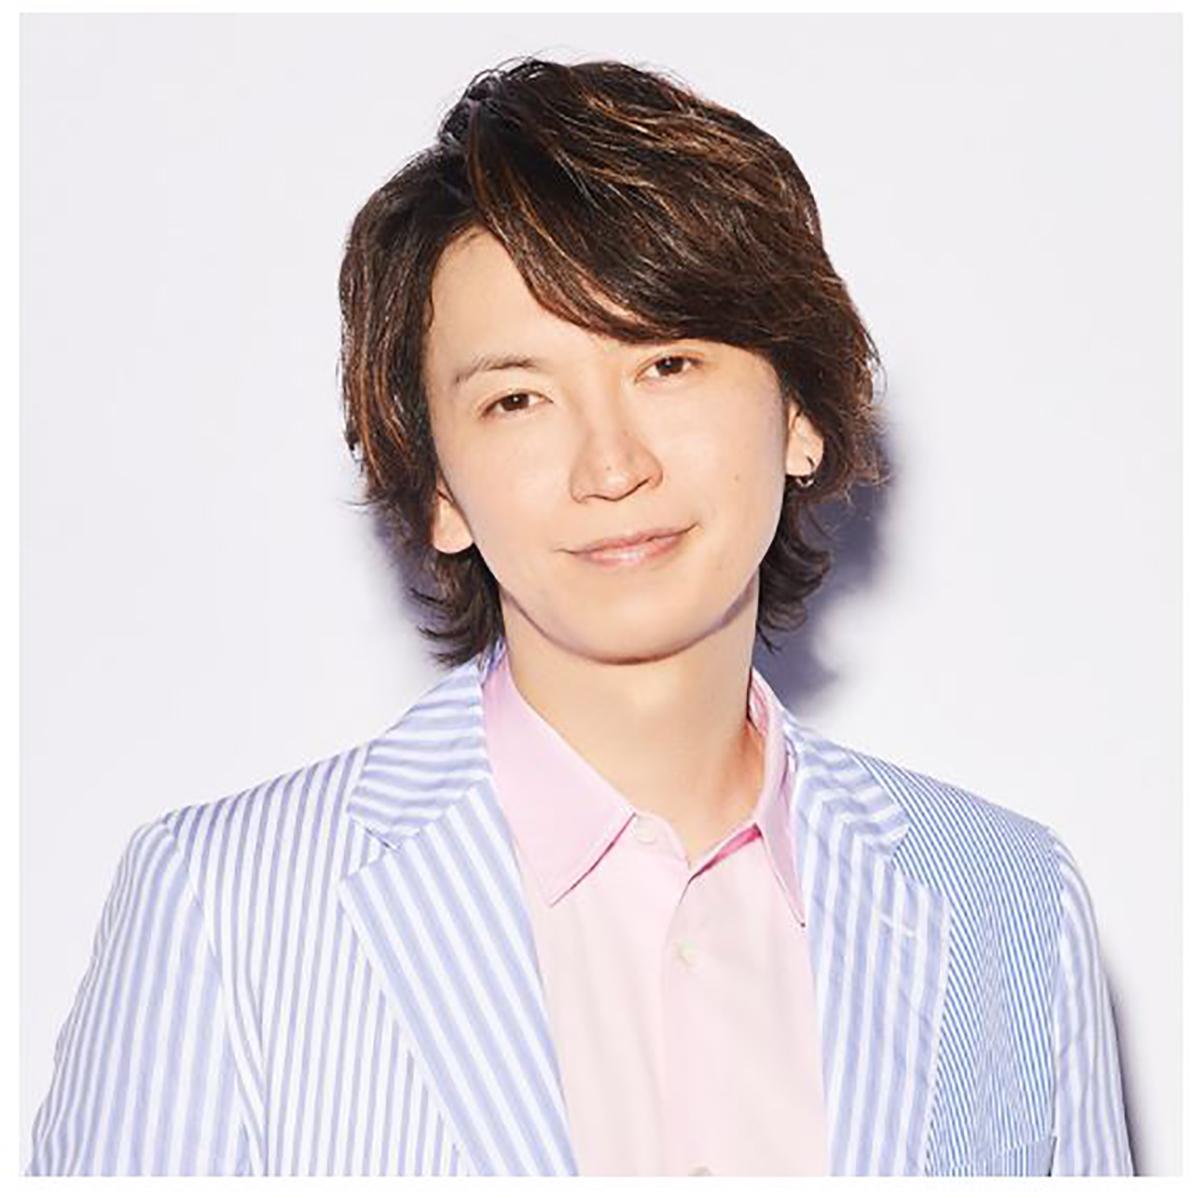 忠義 ブログ 大倉 関ジャニ・大倉忠義がファンのマナーに再度苦言 「スタッフが言おうが警察が言おうが来るのよよよ」